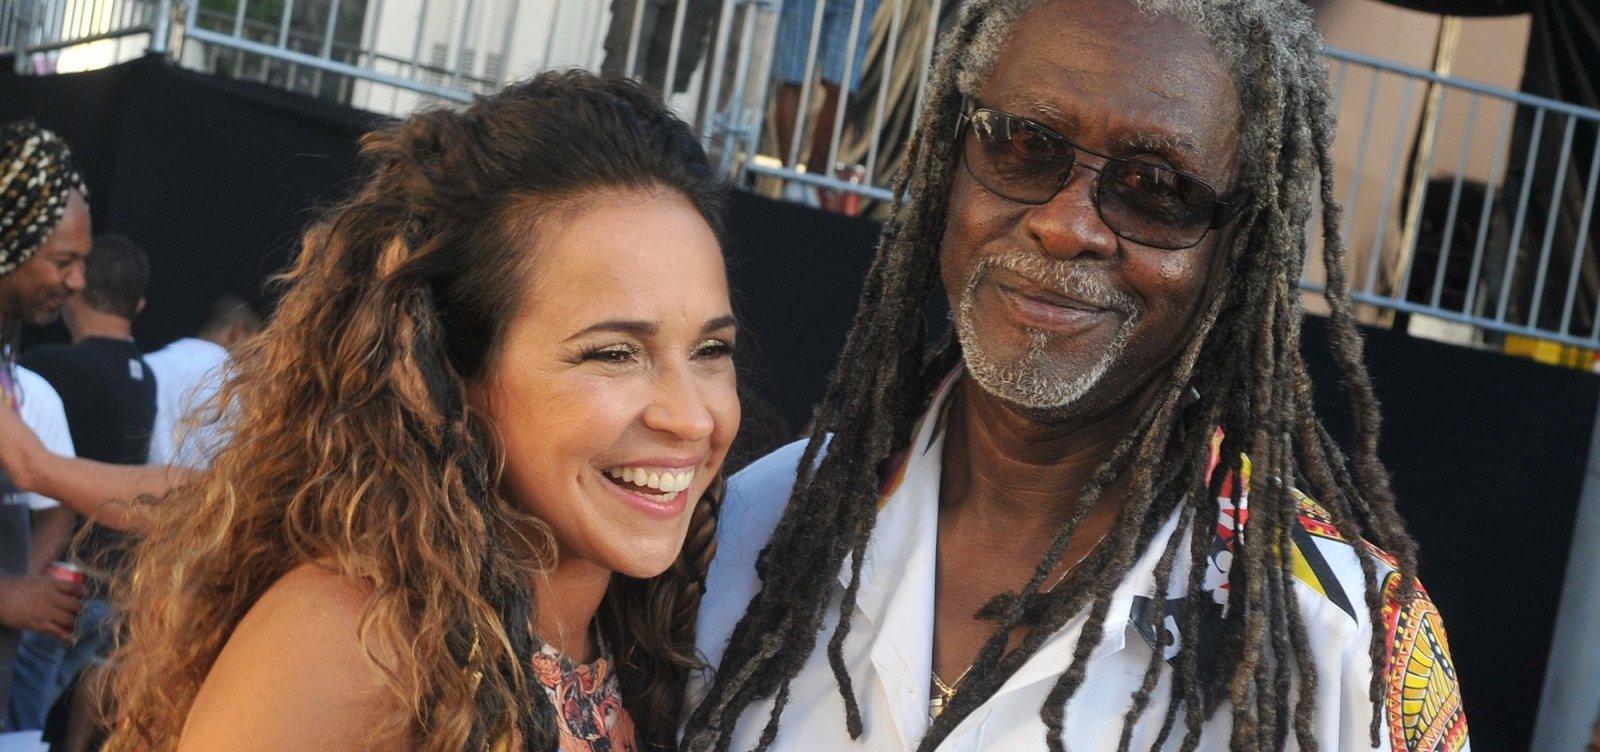 Ilê inicia celebração dos 45 anos com arrastão com Daniela Mercury e Gerônimo